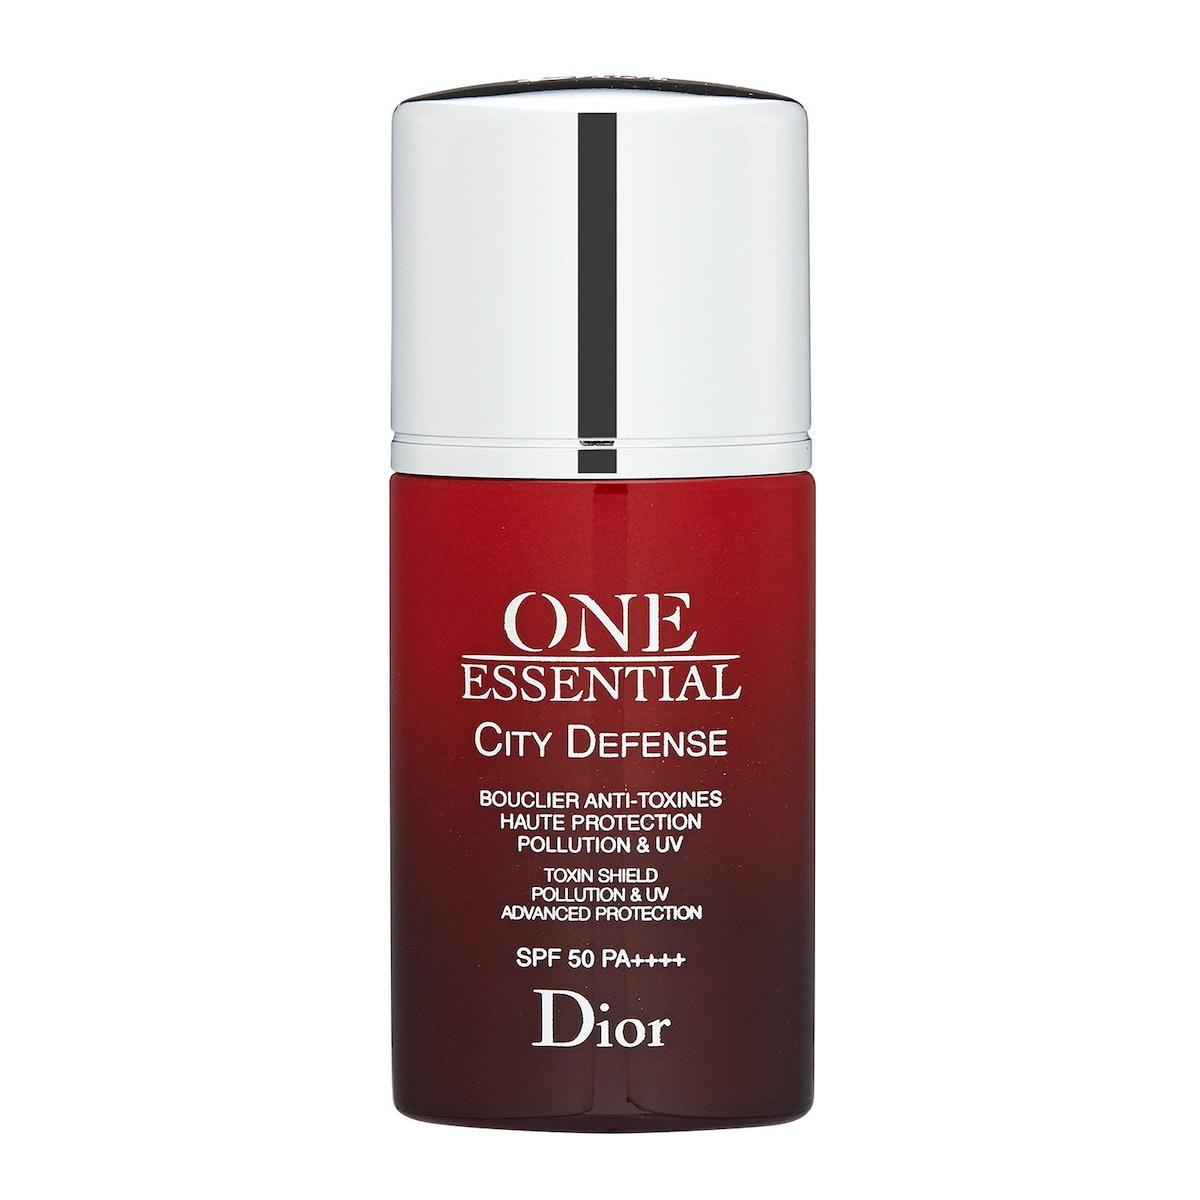 Dior One Essential City Defense SPF 50,